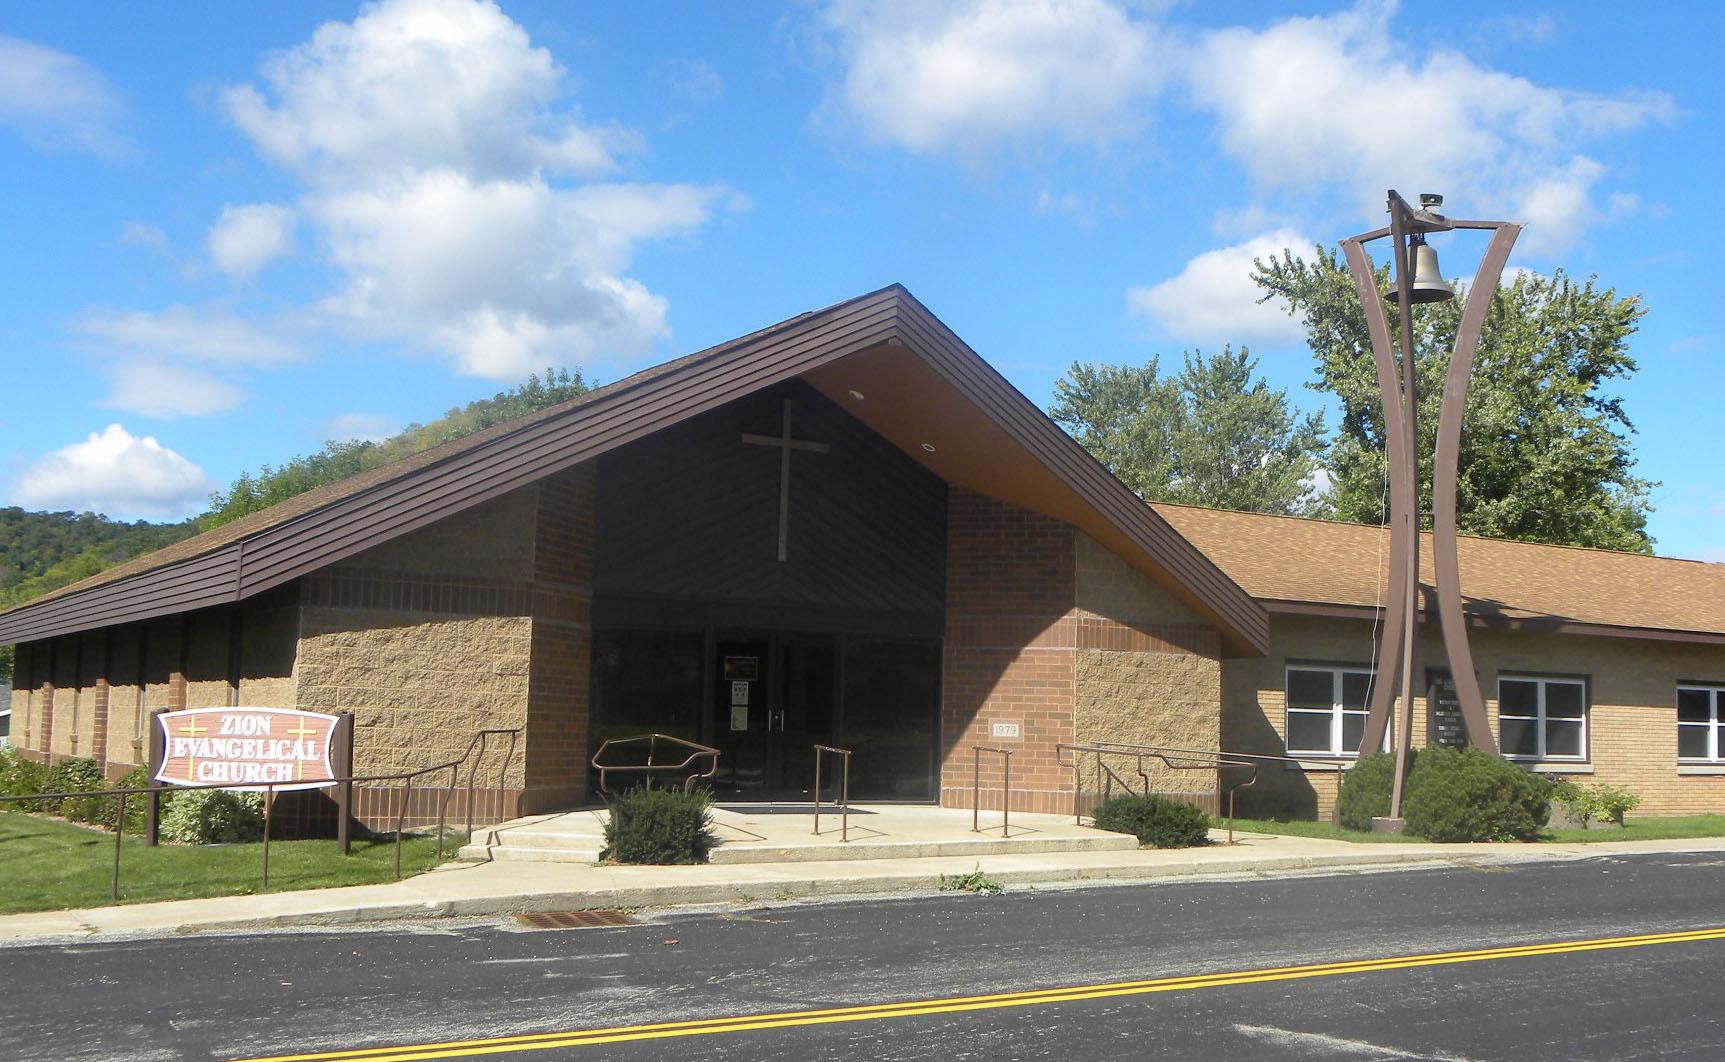 Zion Evangelical Church